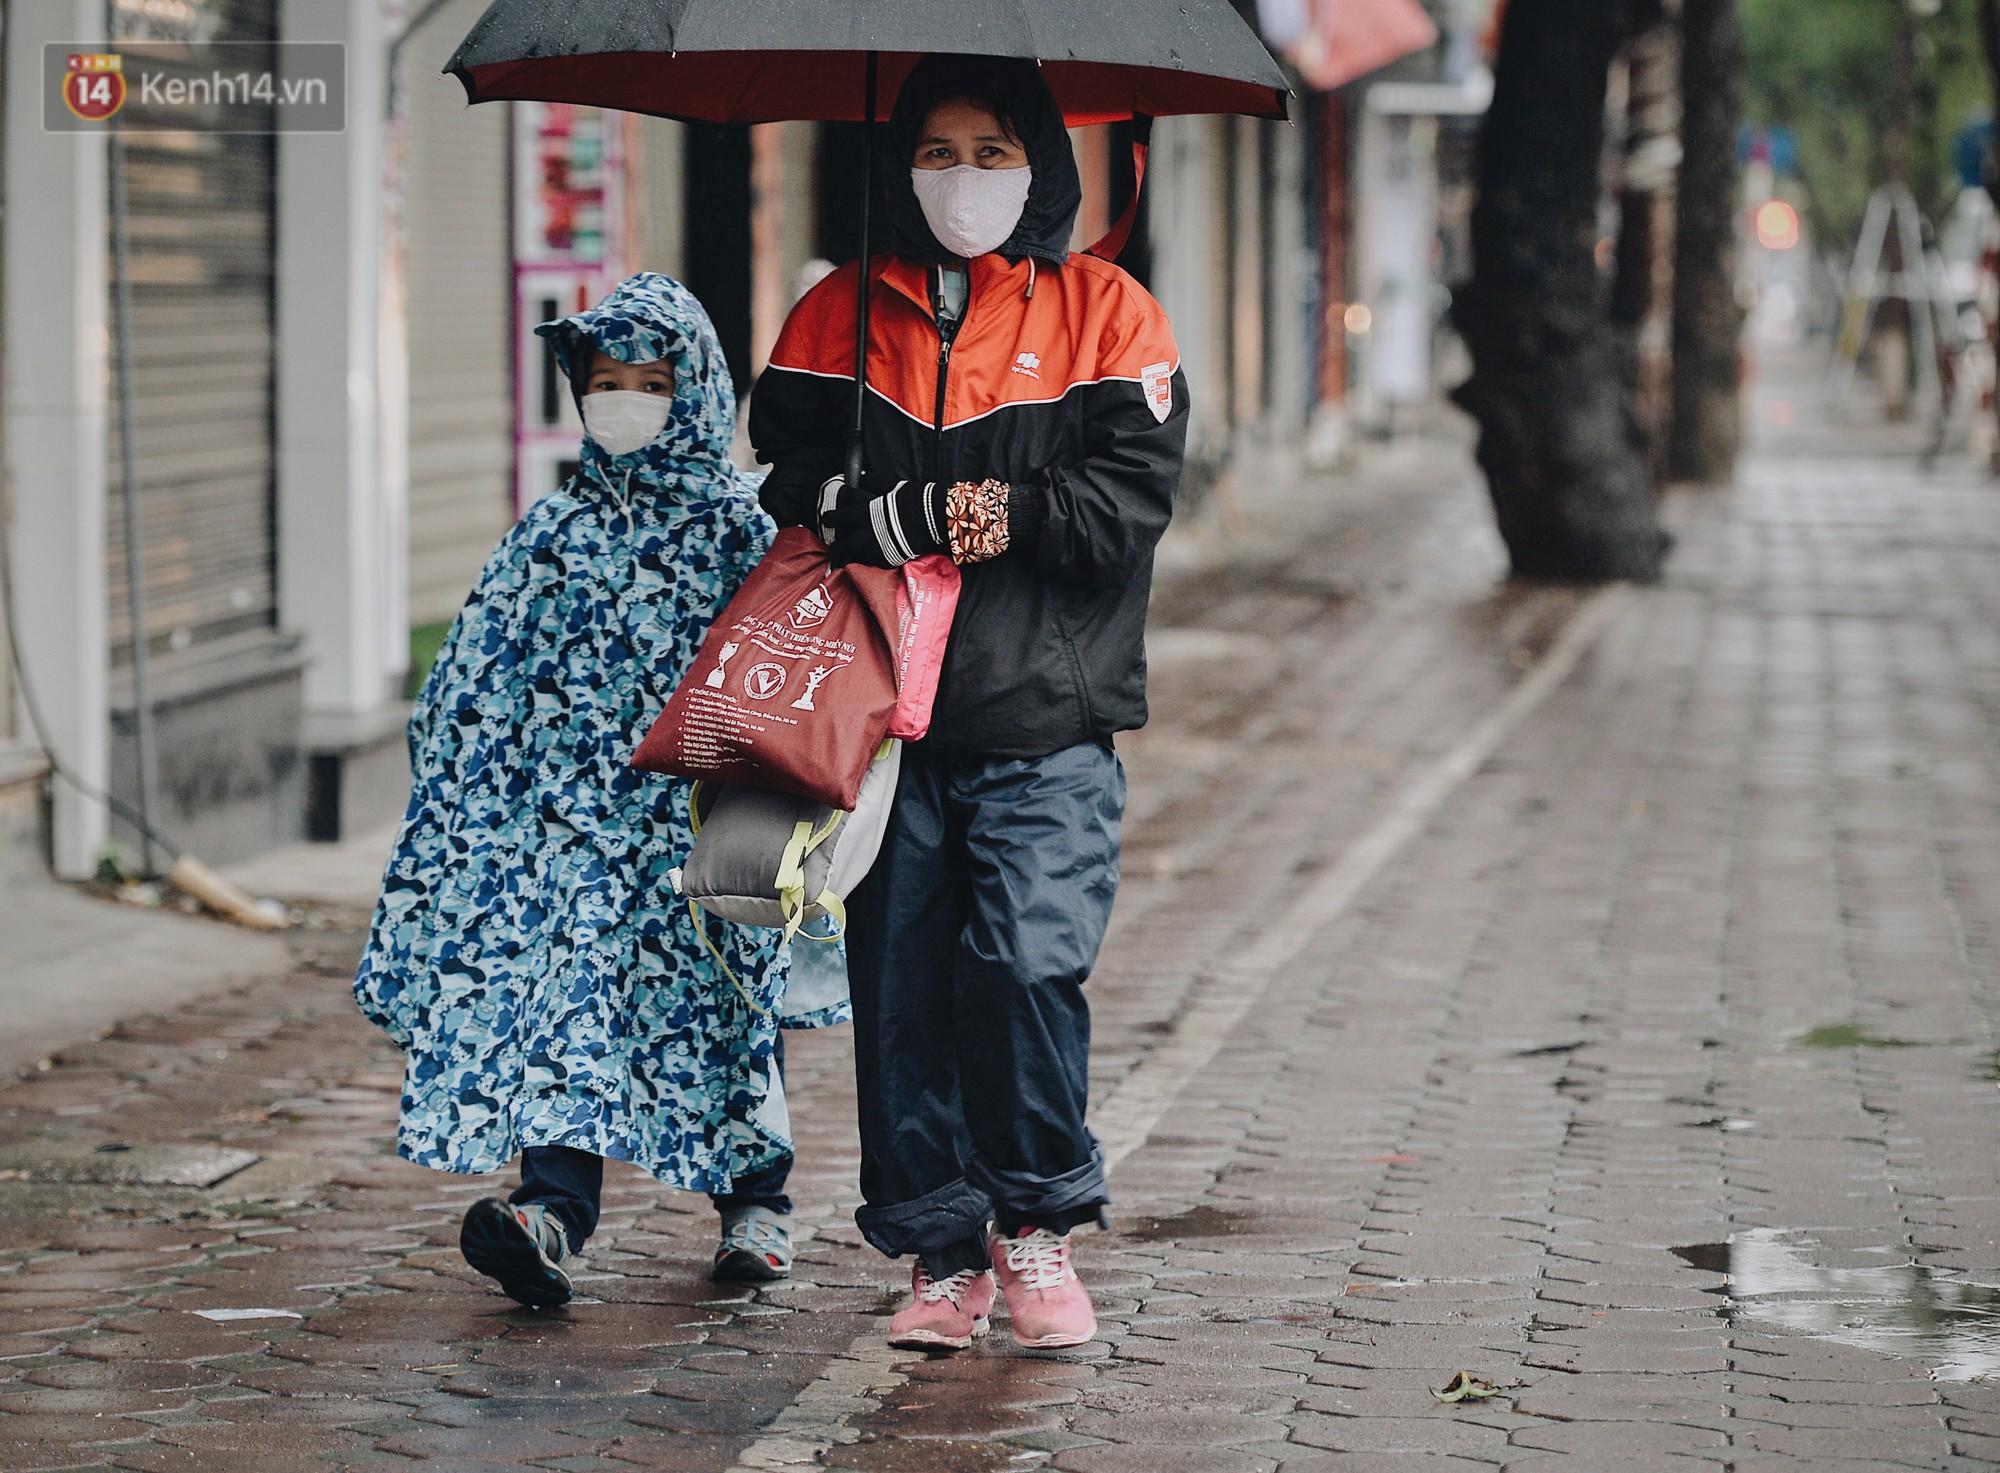 Chùm ảnh: Sau một đêm trở gió Hà Nội mưa lạnh xuống đến 17 độ C, người dân co ro ra đường - Ảnh 2.